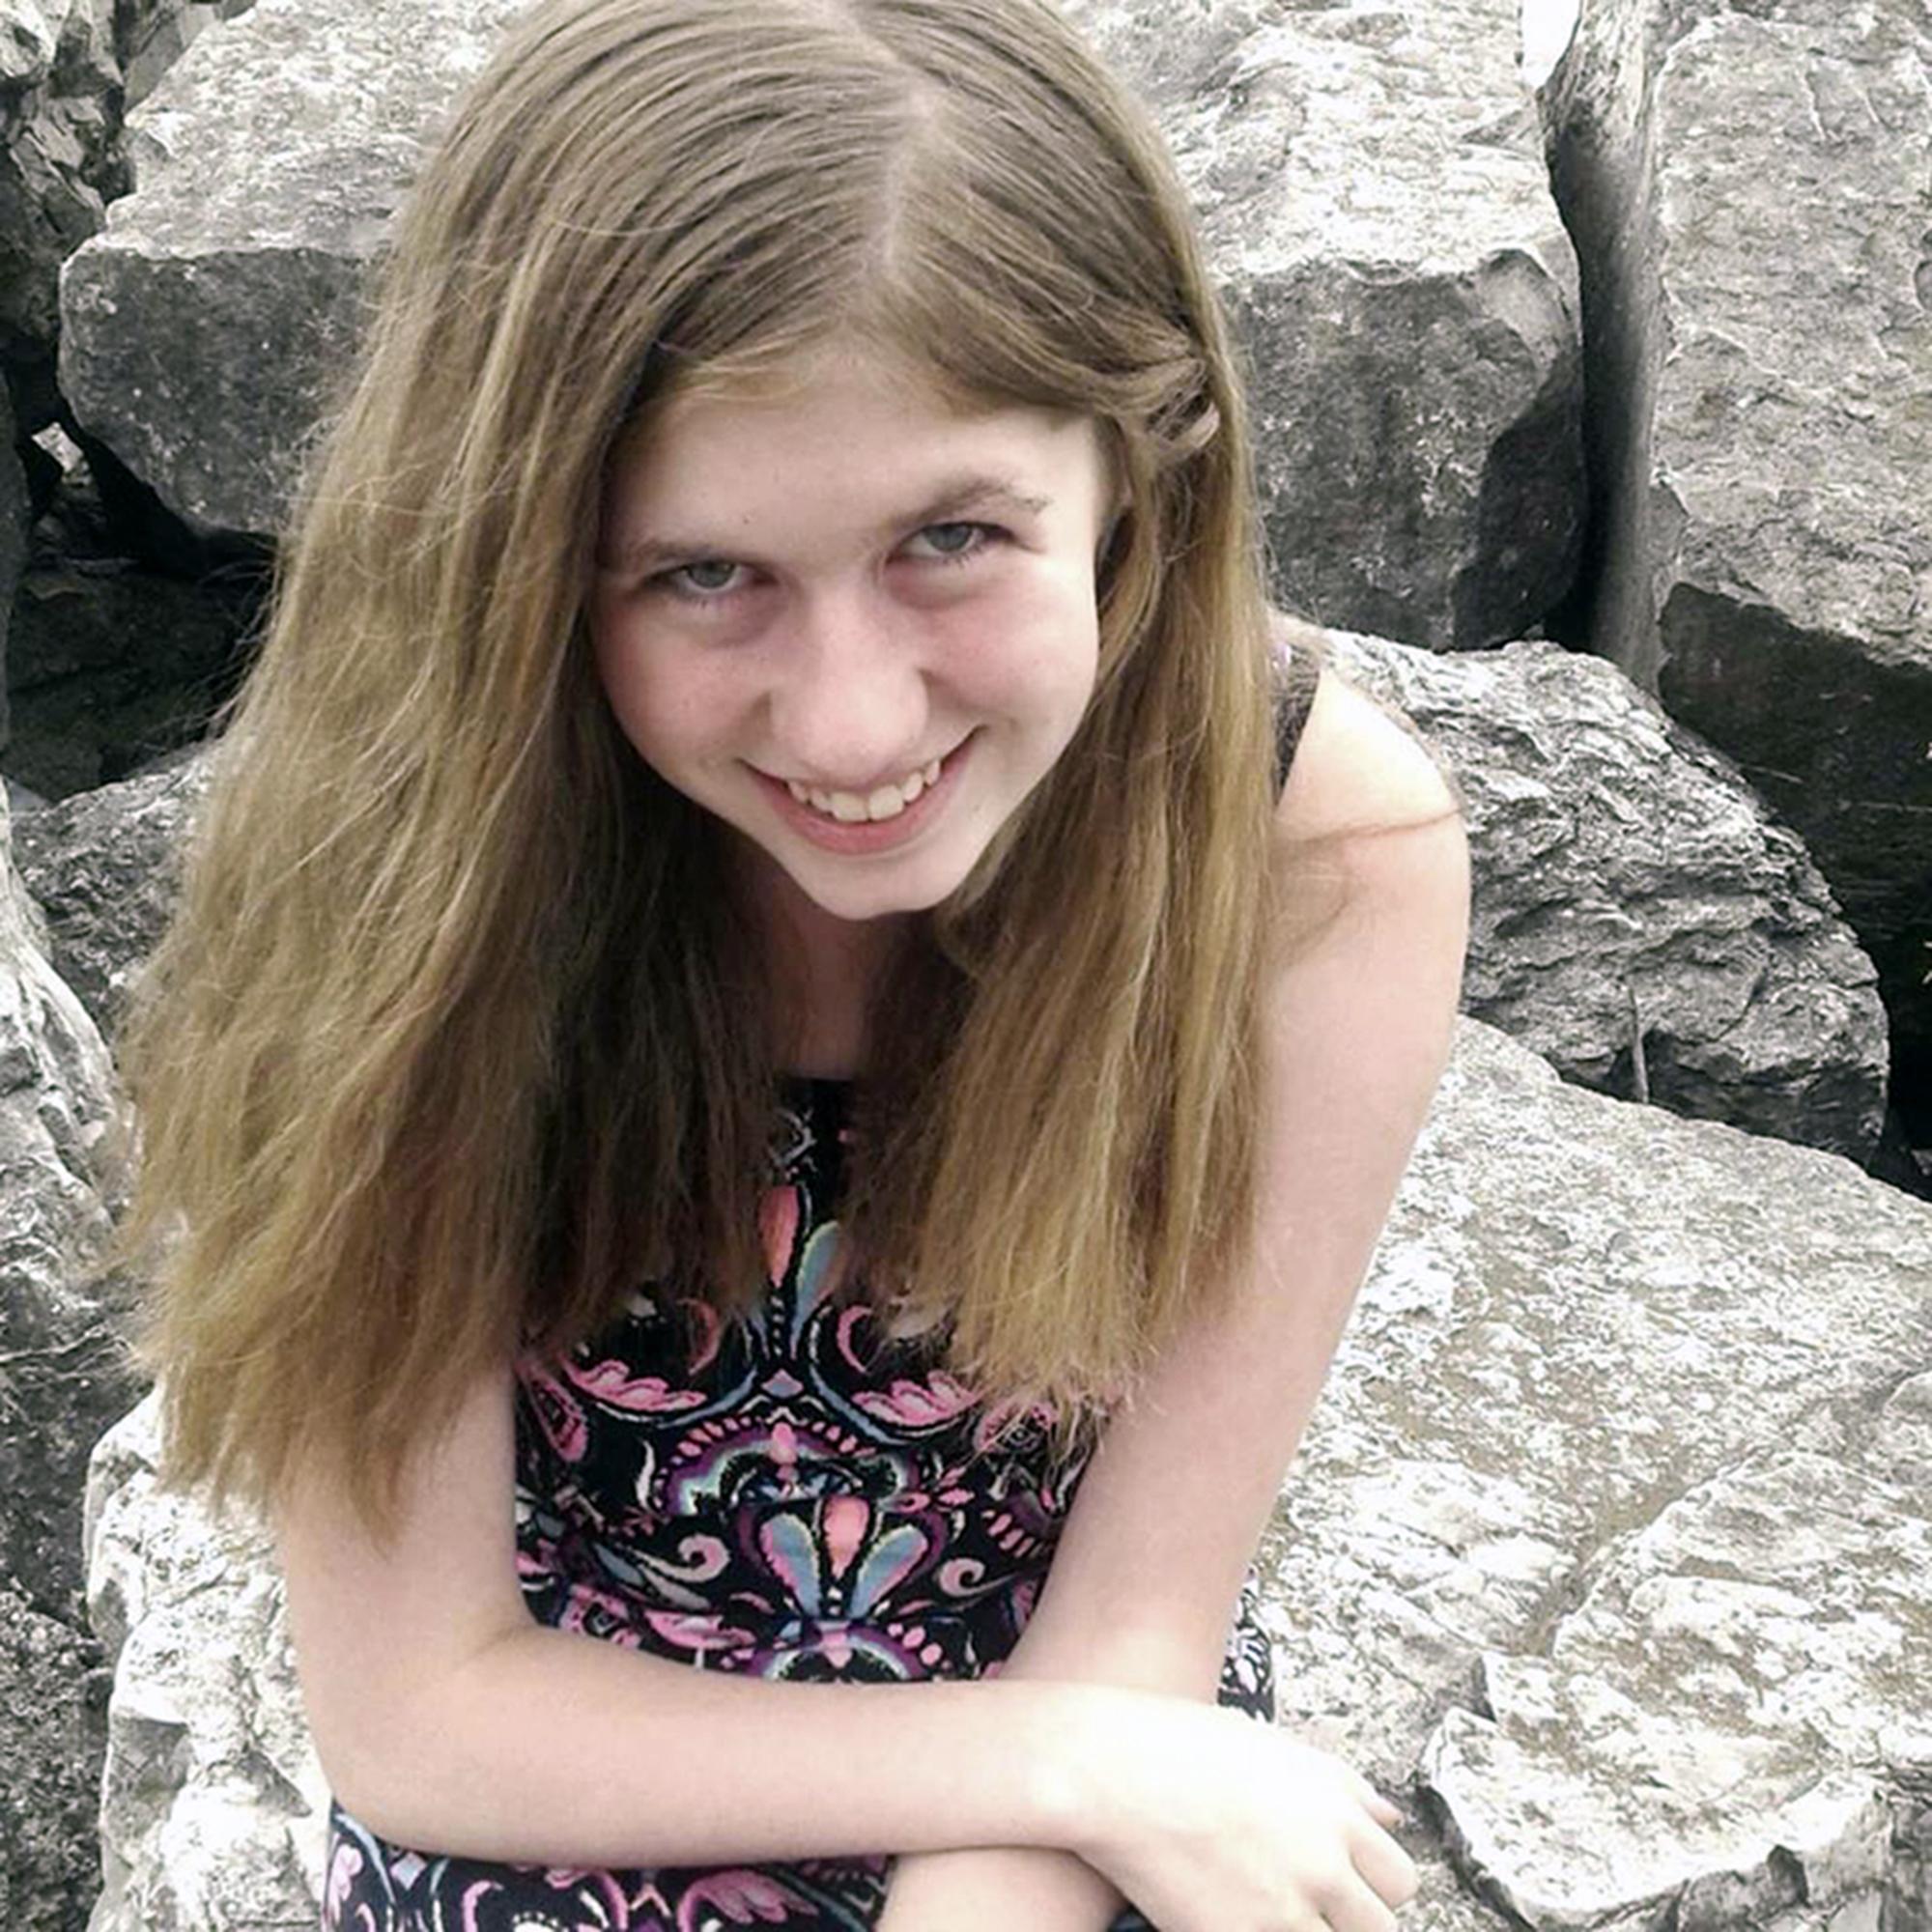 Jayme Closs, quien desapareció el 15 de octubre cuando sus padres fueron asesinados en la casa familiar. (Barron County Sheriff's Department via AP, File)